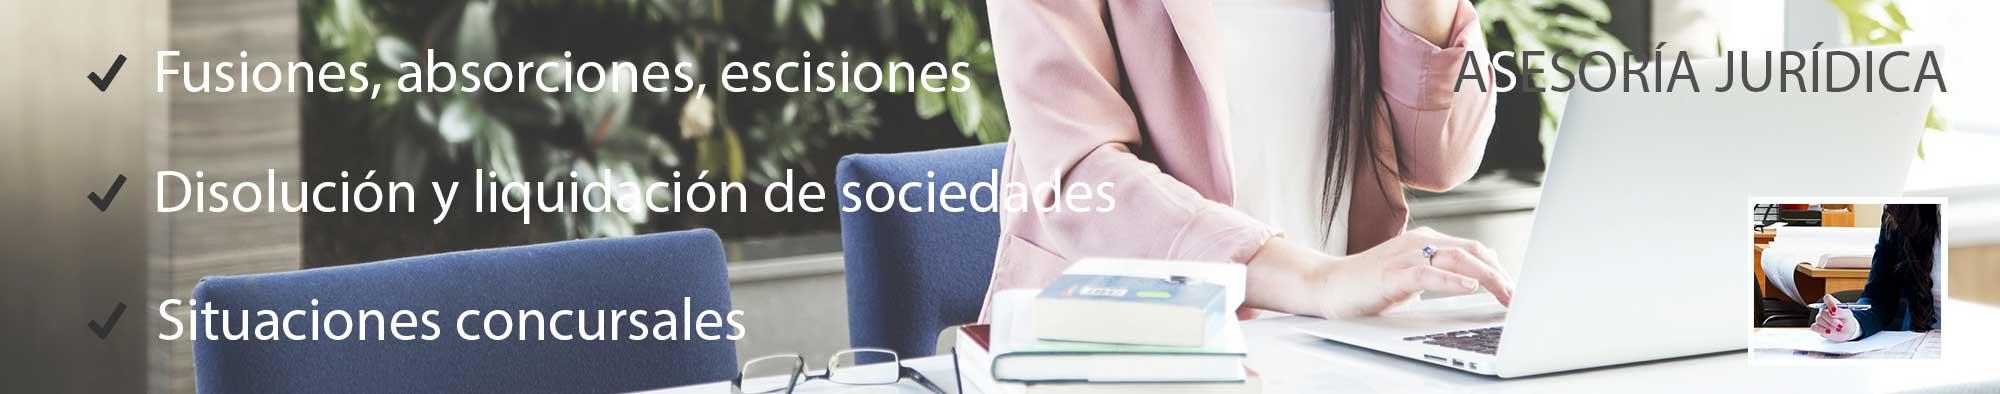 Abogados Valencia, Asesoría Jurídica